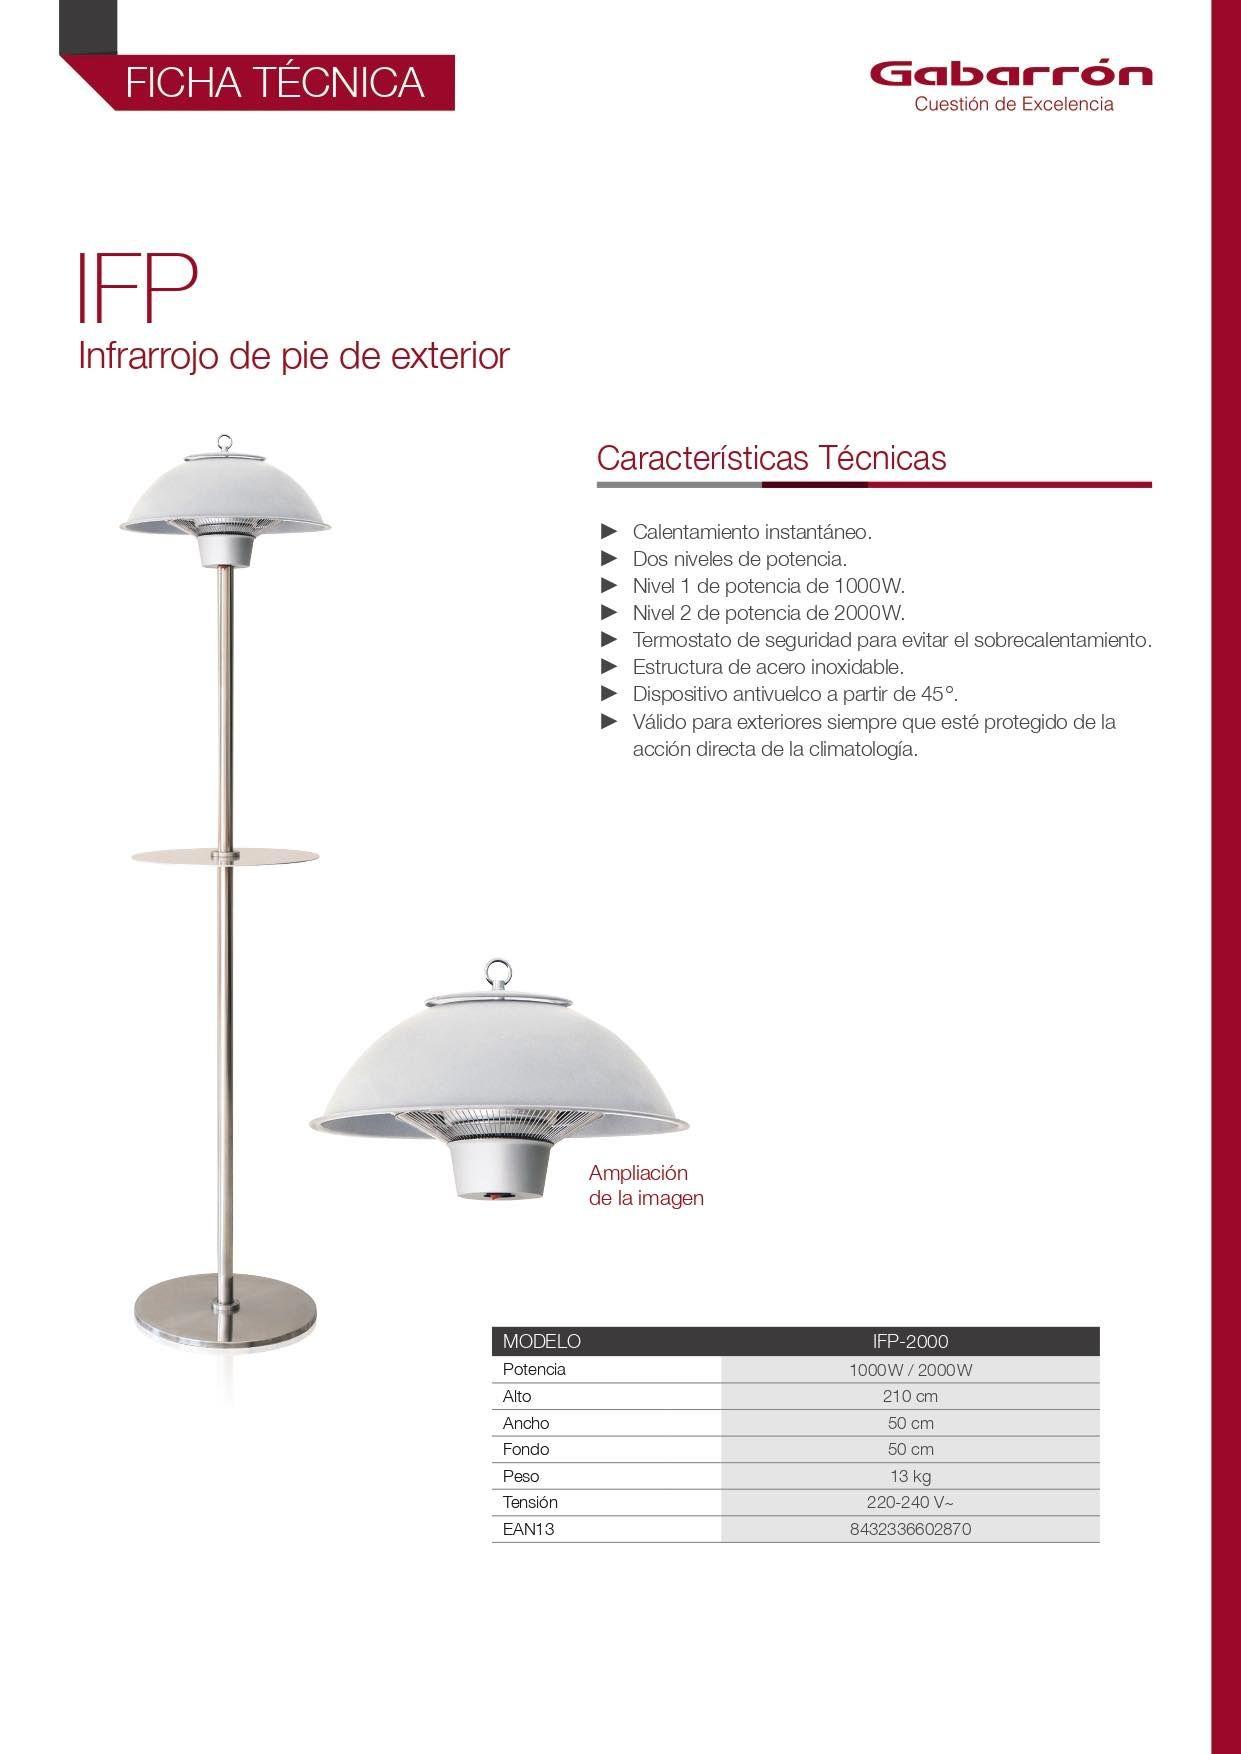 Ficha técnica calefactor infrarrojo Gabarron IFP